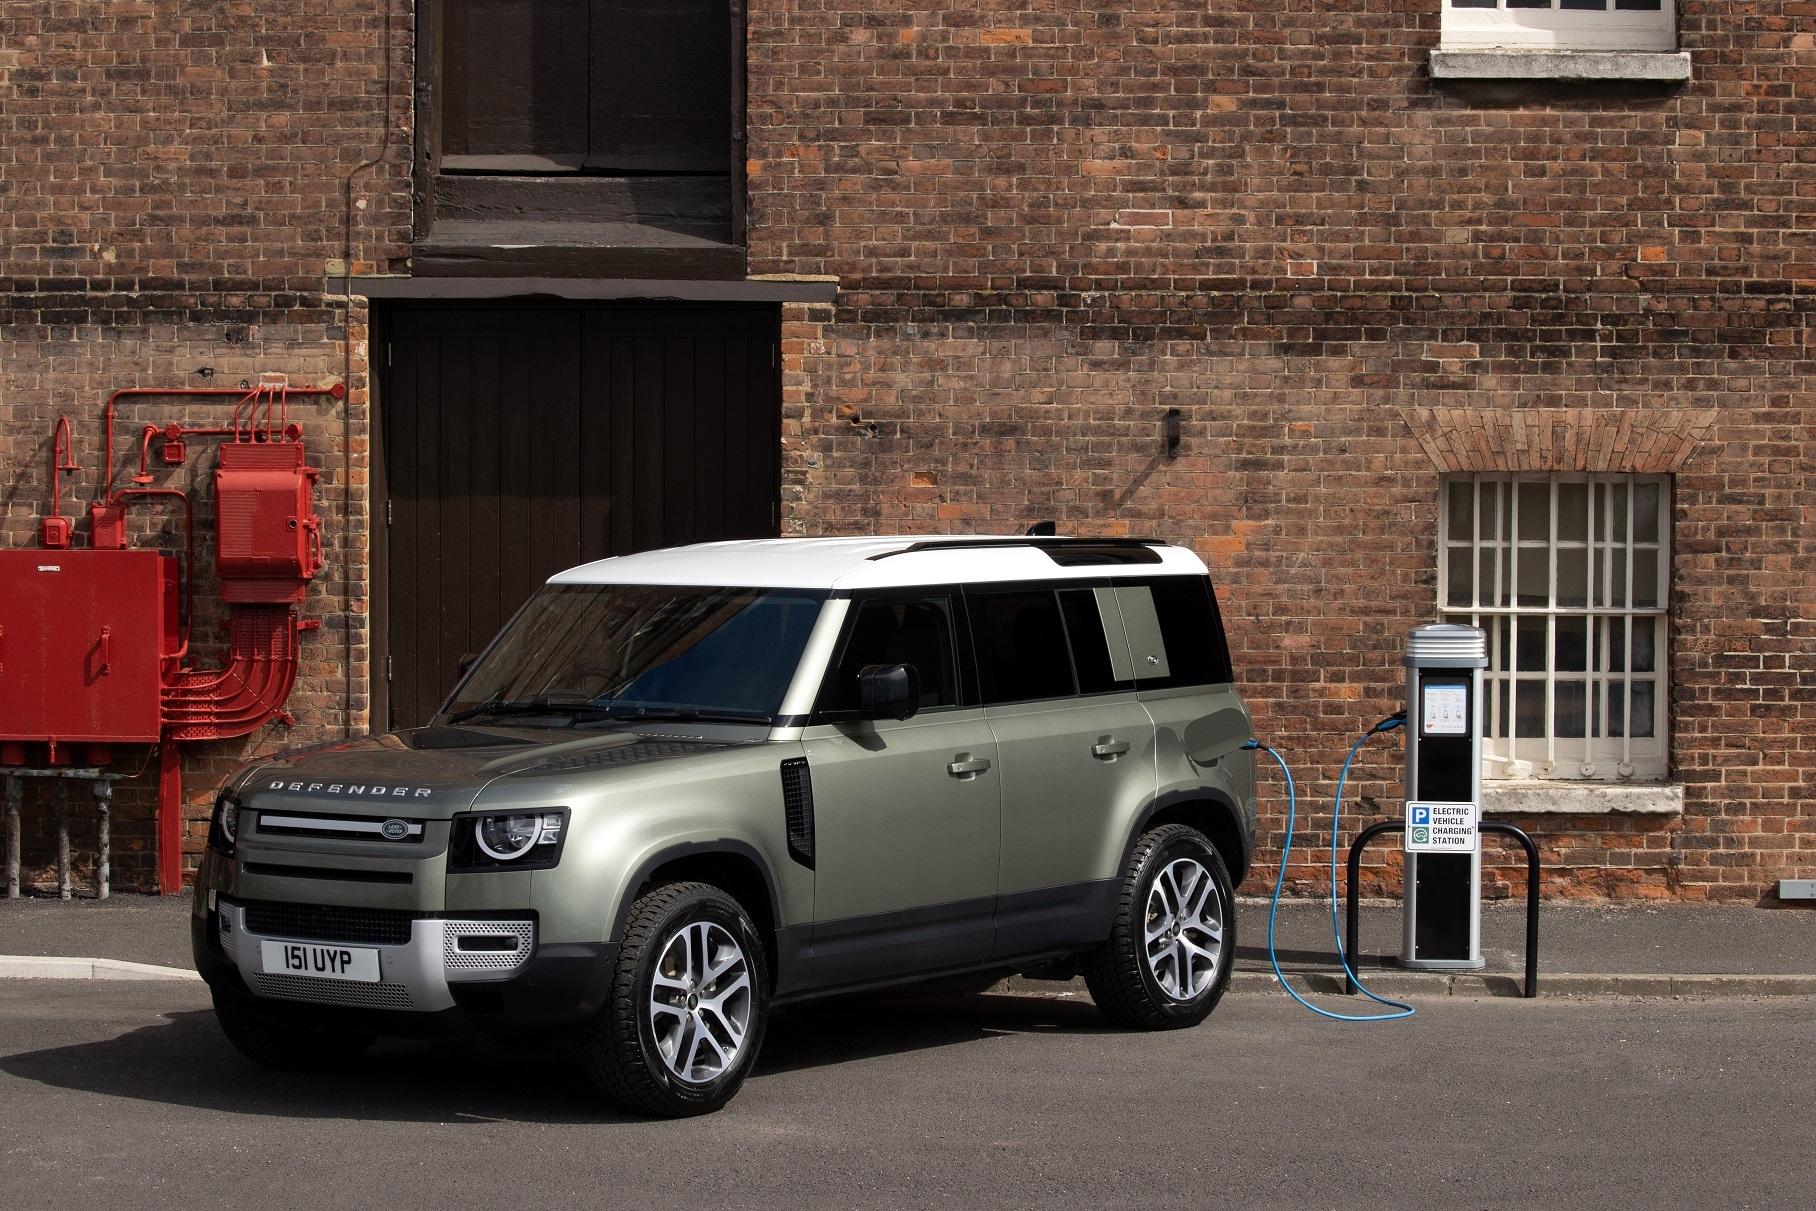 Land Rover Defender получил новый турбодизель и мощную гибридную версию